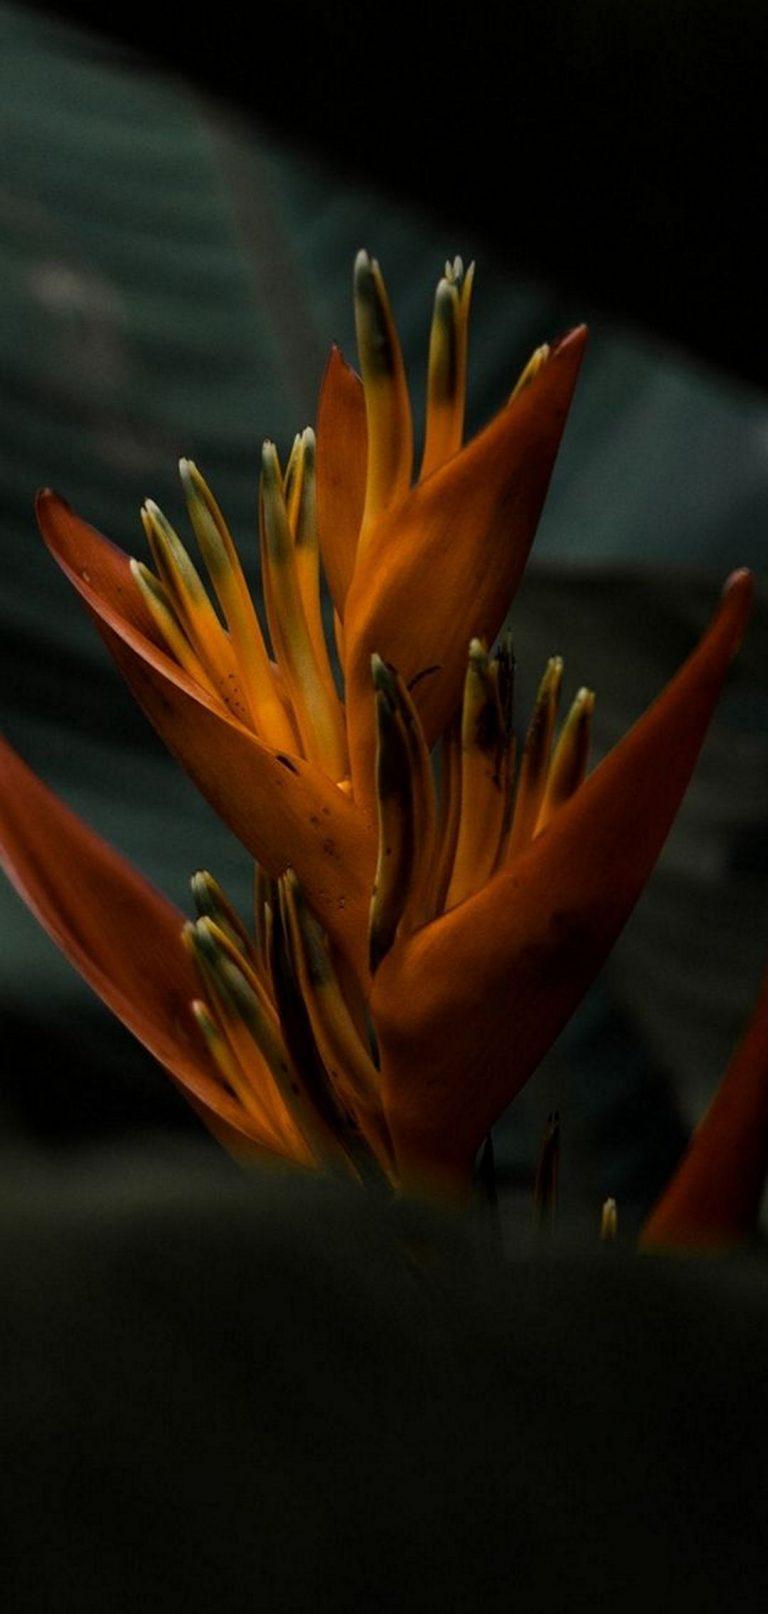 Heliconia Flower 1080x2270 768x1614